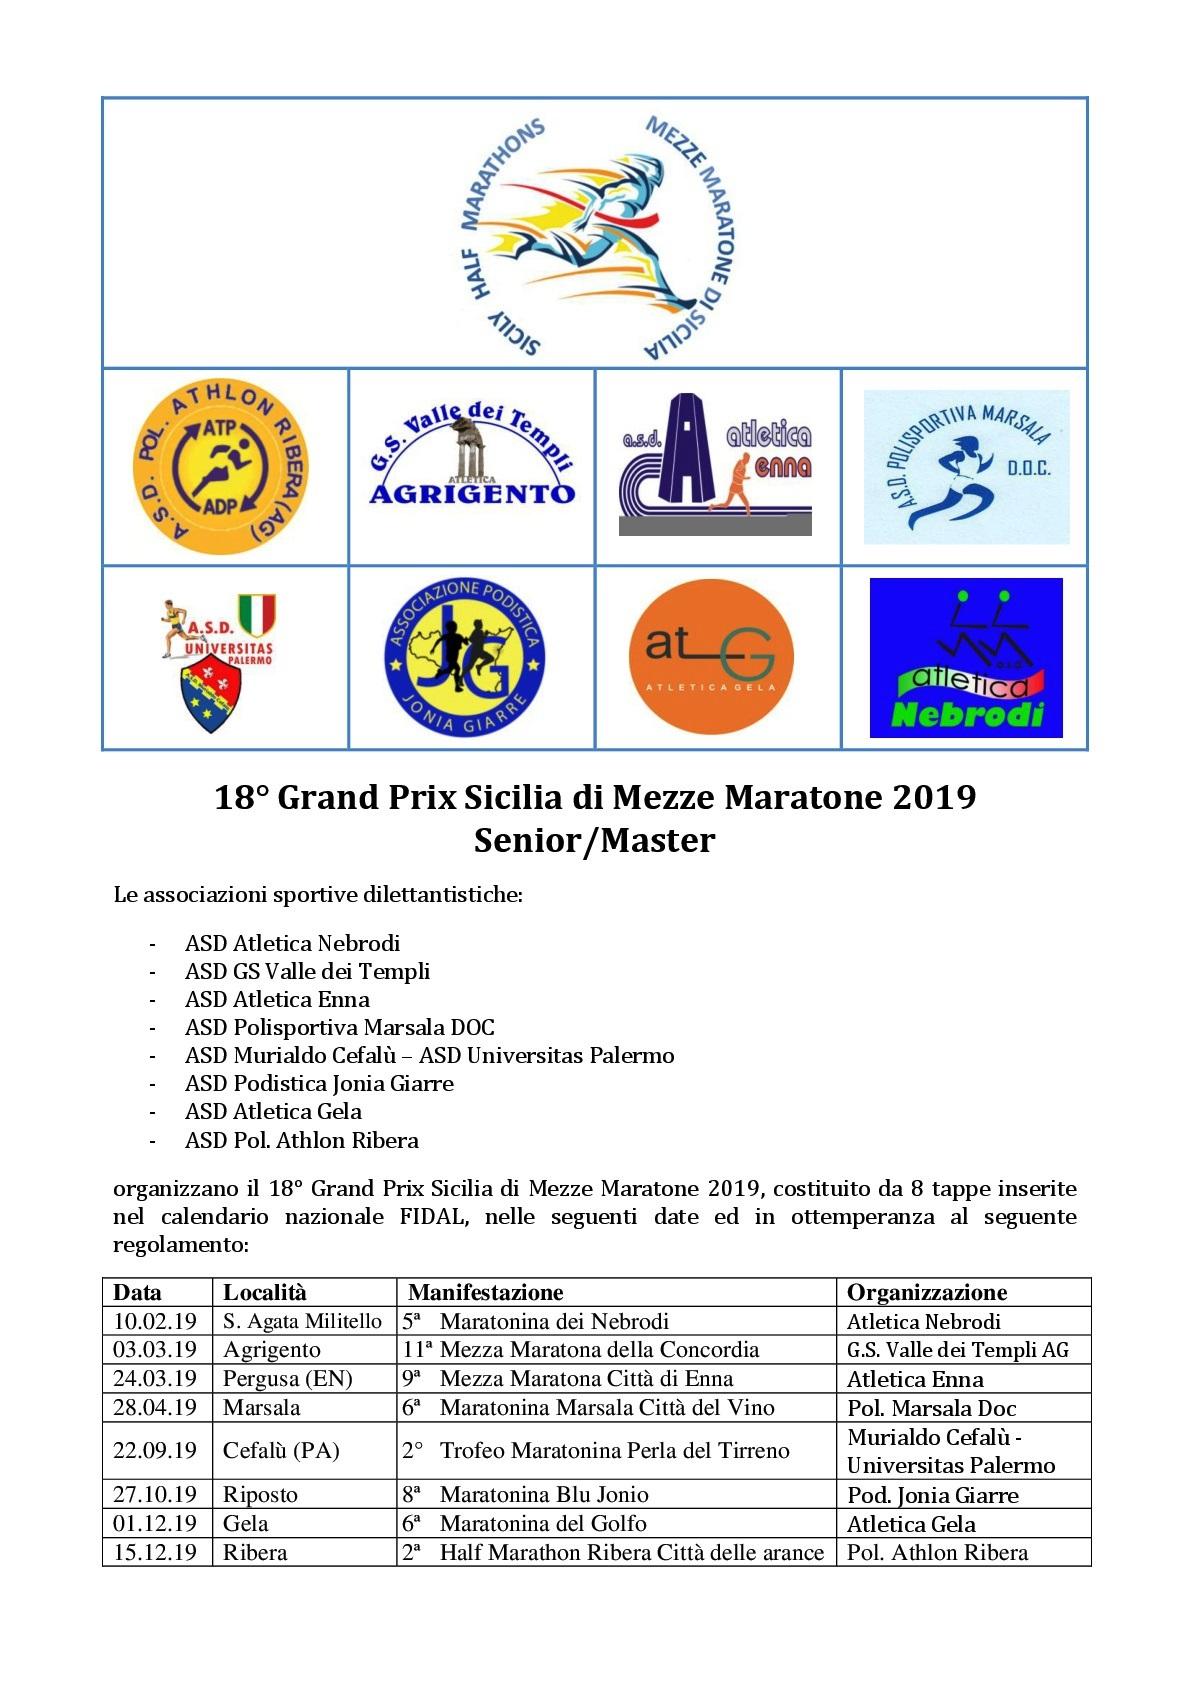 Calendario Mezze Maratone 2020 Italia.Mezza Maratona Calendario Calendario 2020